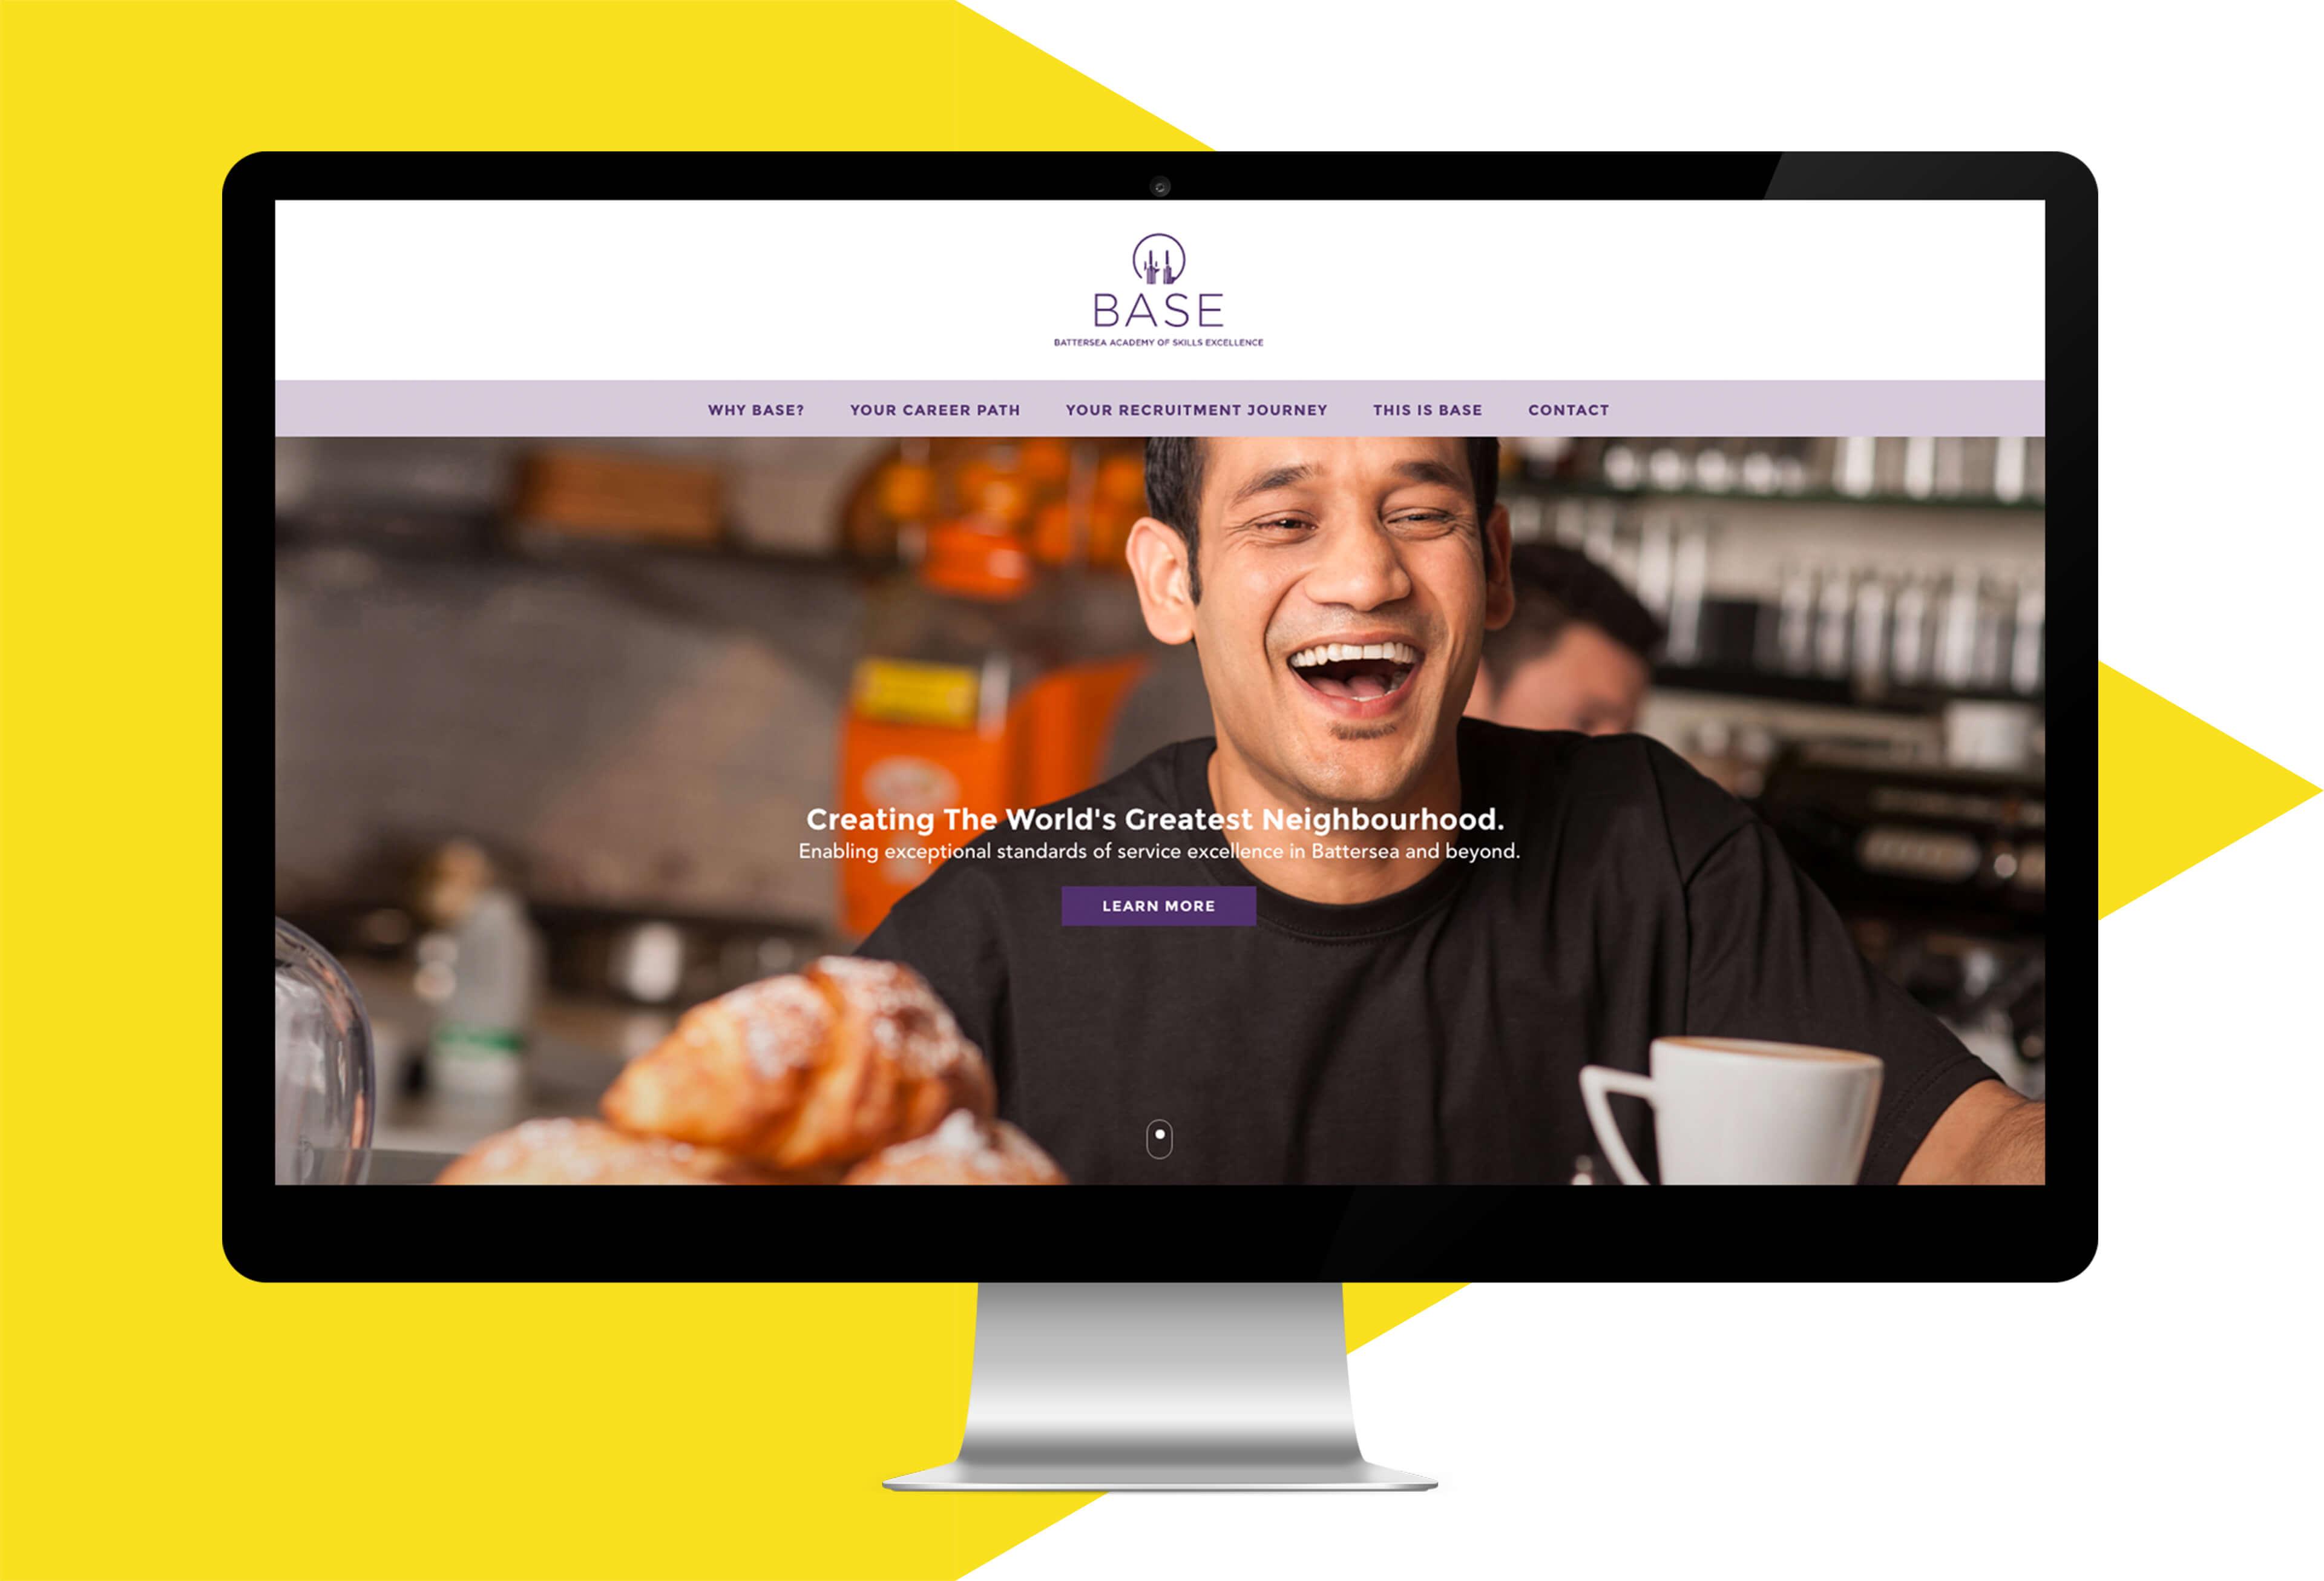 base-website-homepage